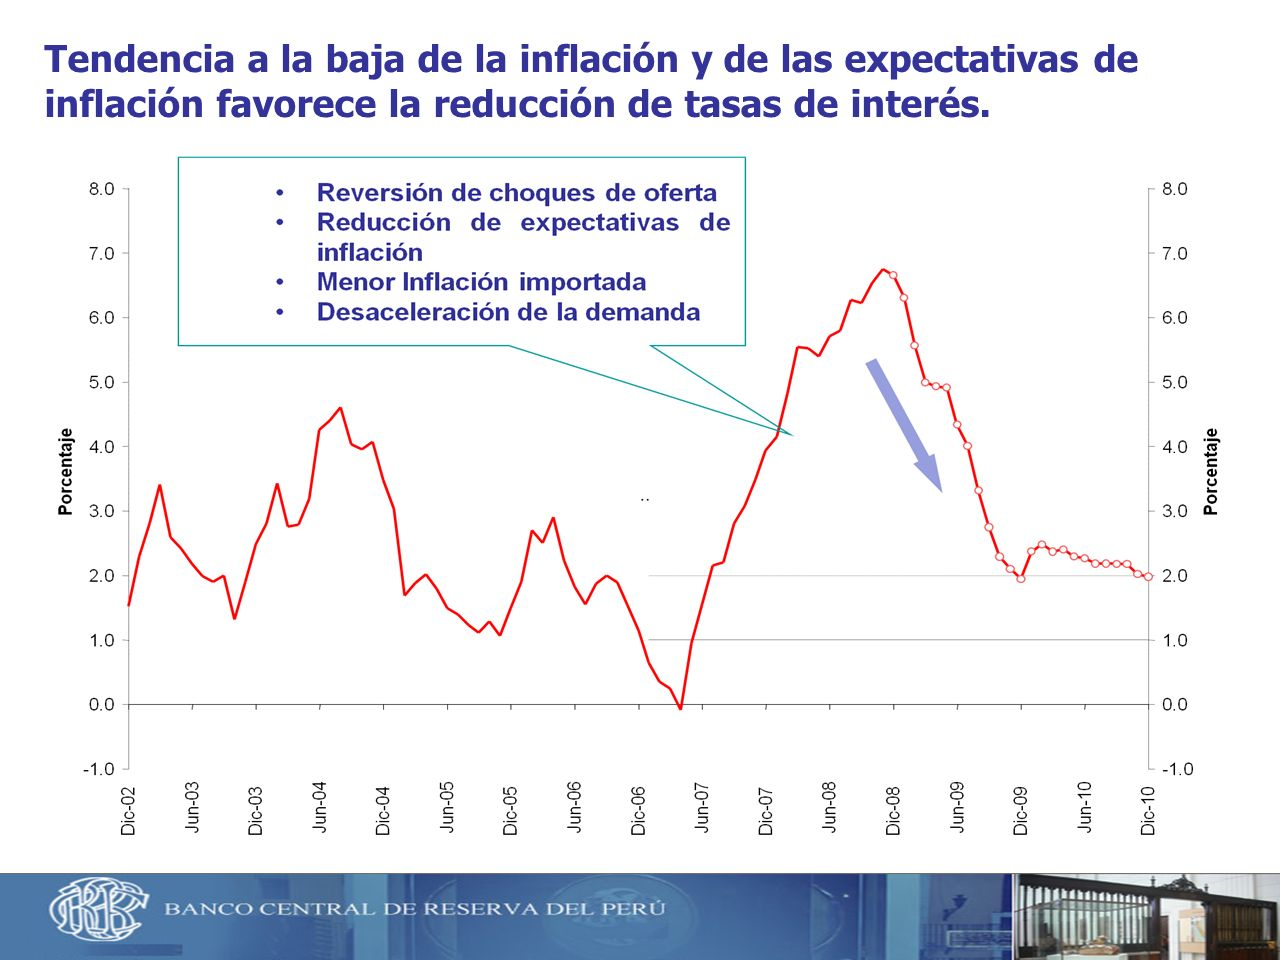 Tendencia a la baja de la inflación y de las expectativas de inflación favorece la reducción de tasas de interés.